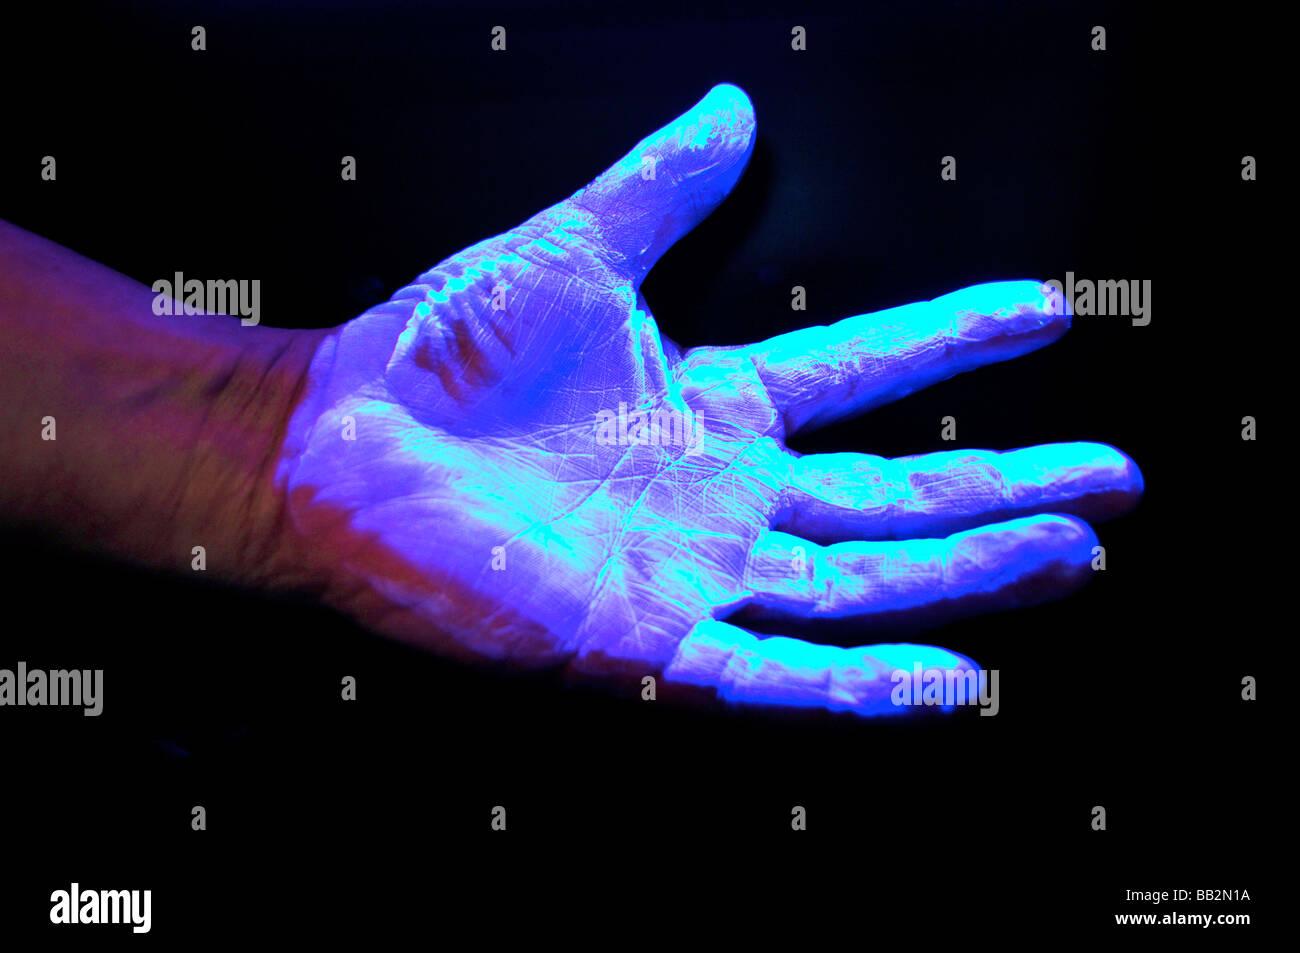 Hand under ultra violet light against black background - Stock Image